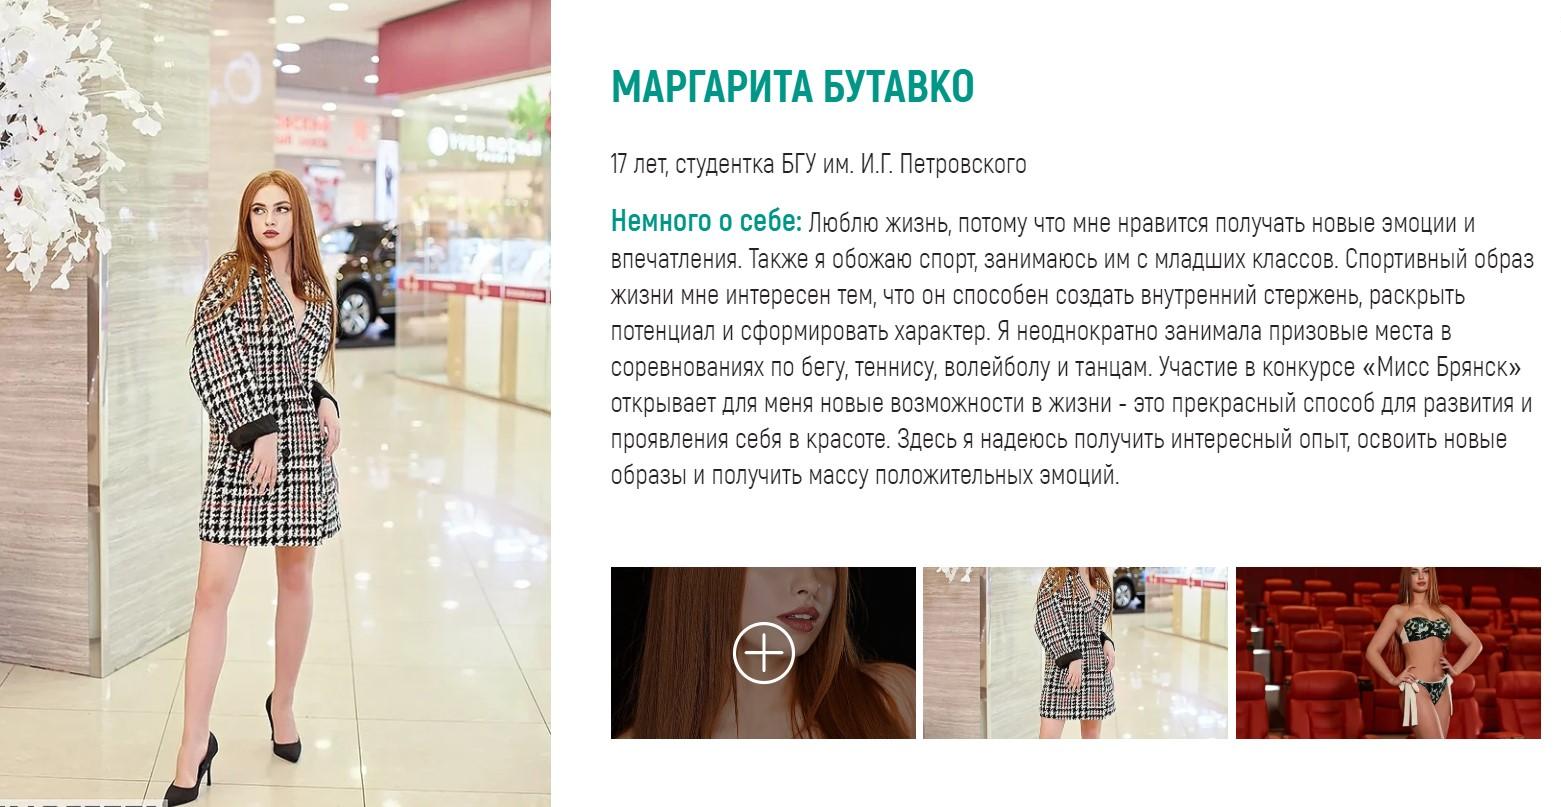 По итогам недели в онлайн-голосовании «Мисс Брянск-2020» лидирует Маргарита Бутавко